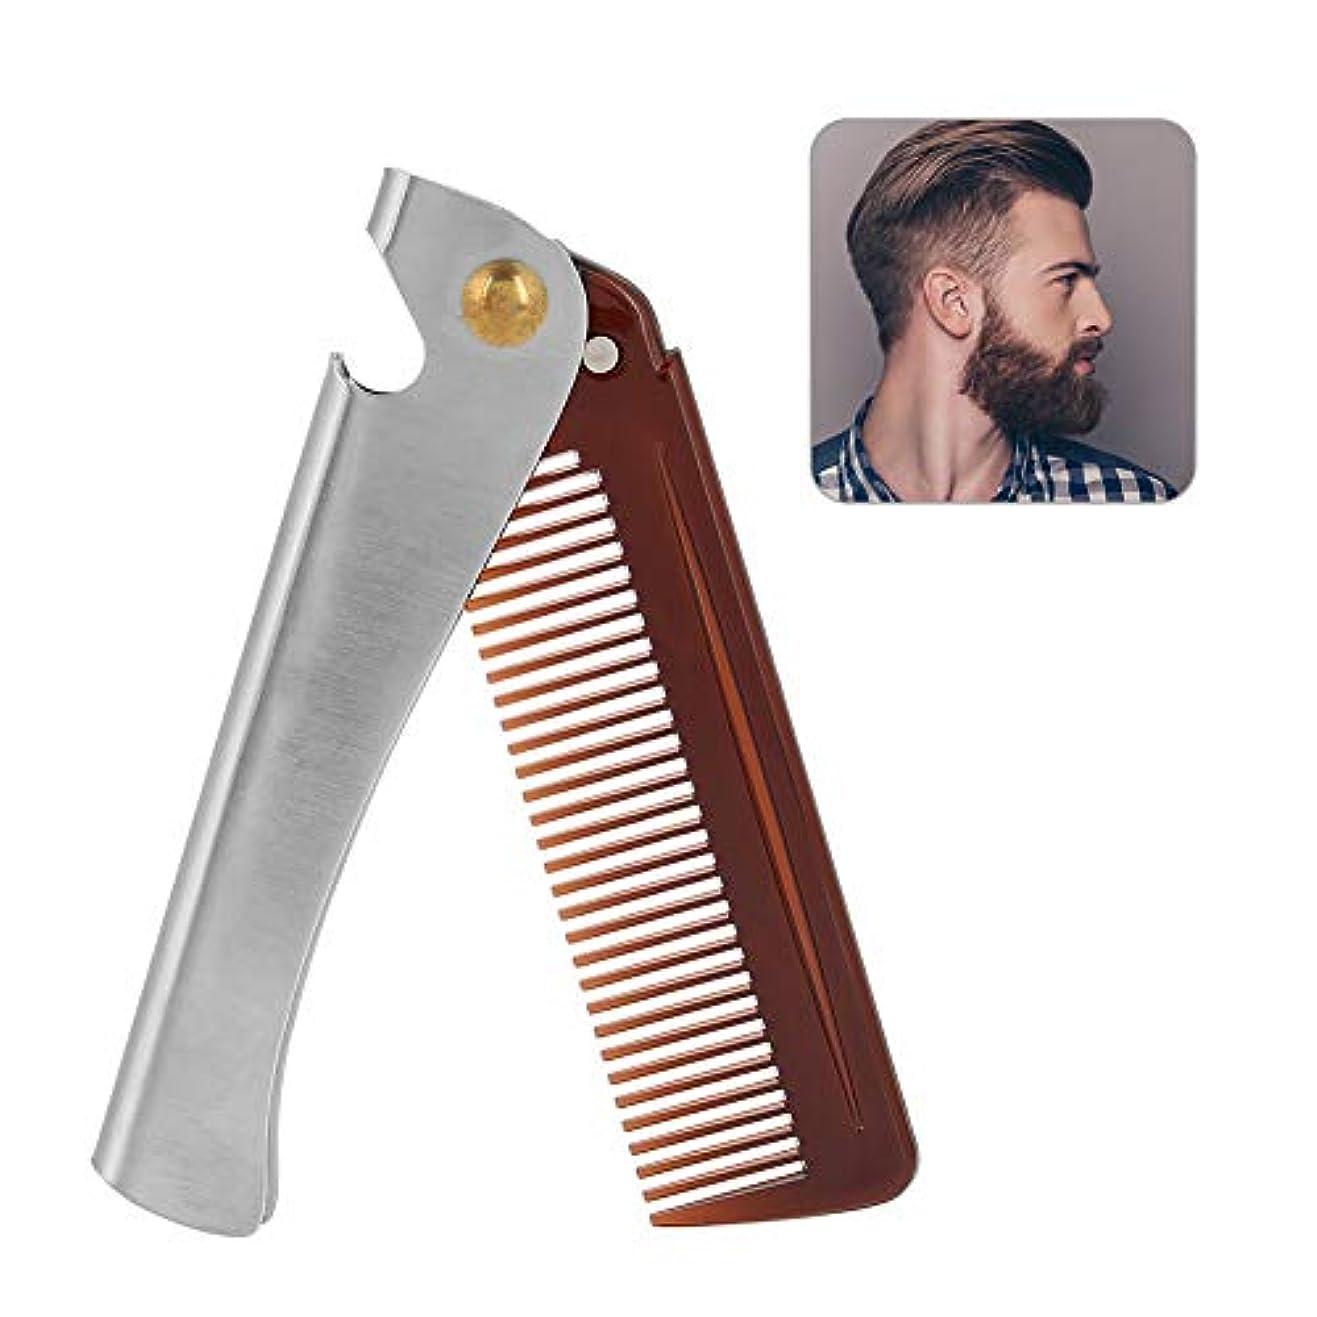 パニックヒゲ生き返らせる男性用のひげとヘアケア折りたたみ櫛と春押しボタン